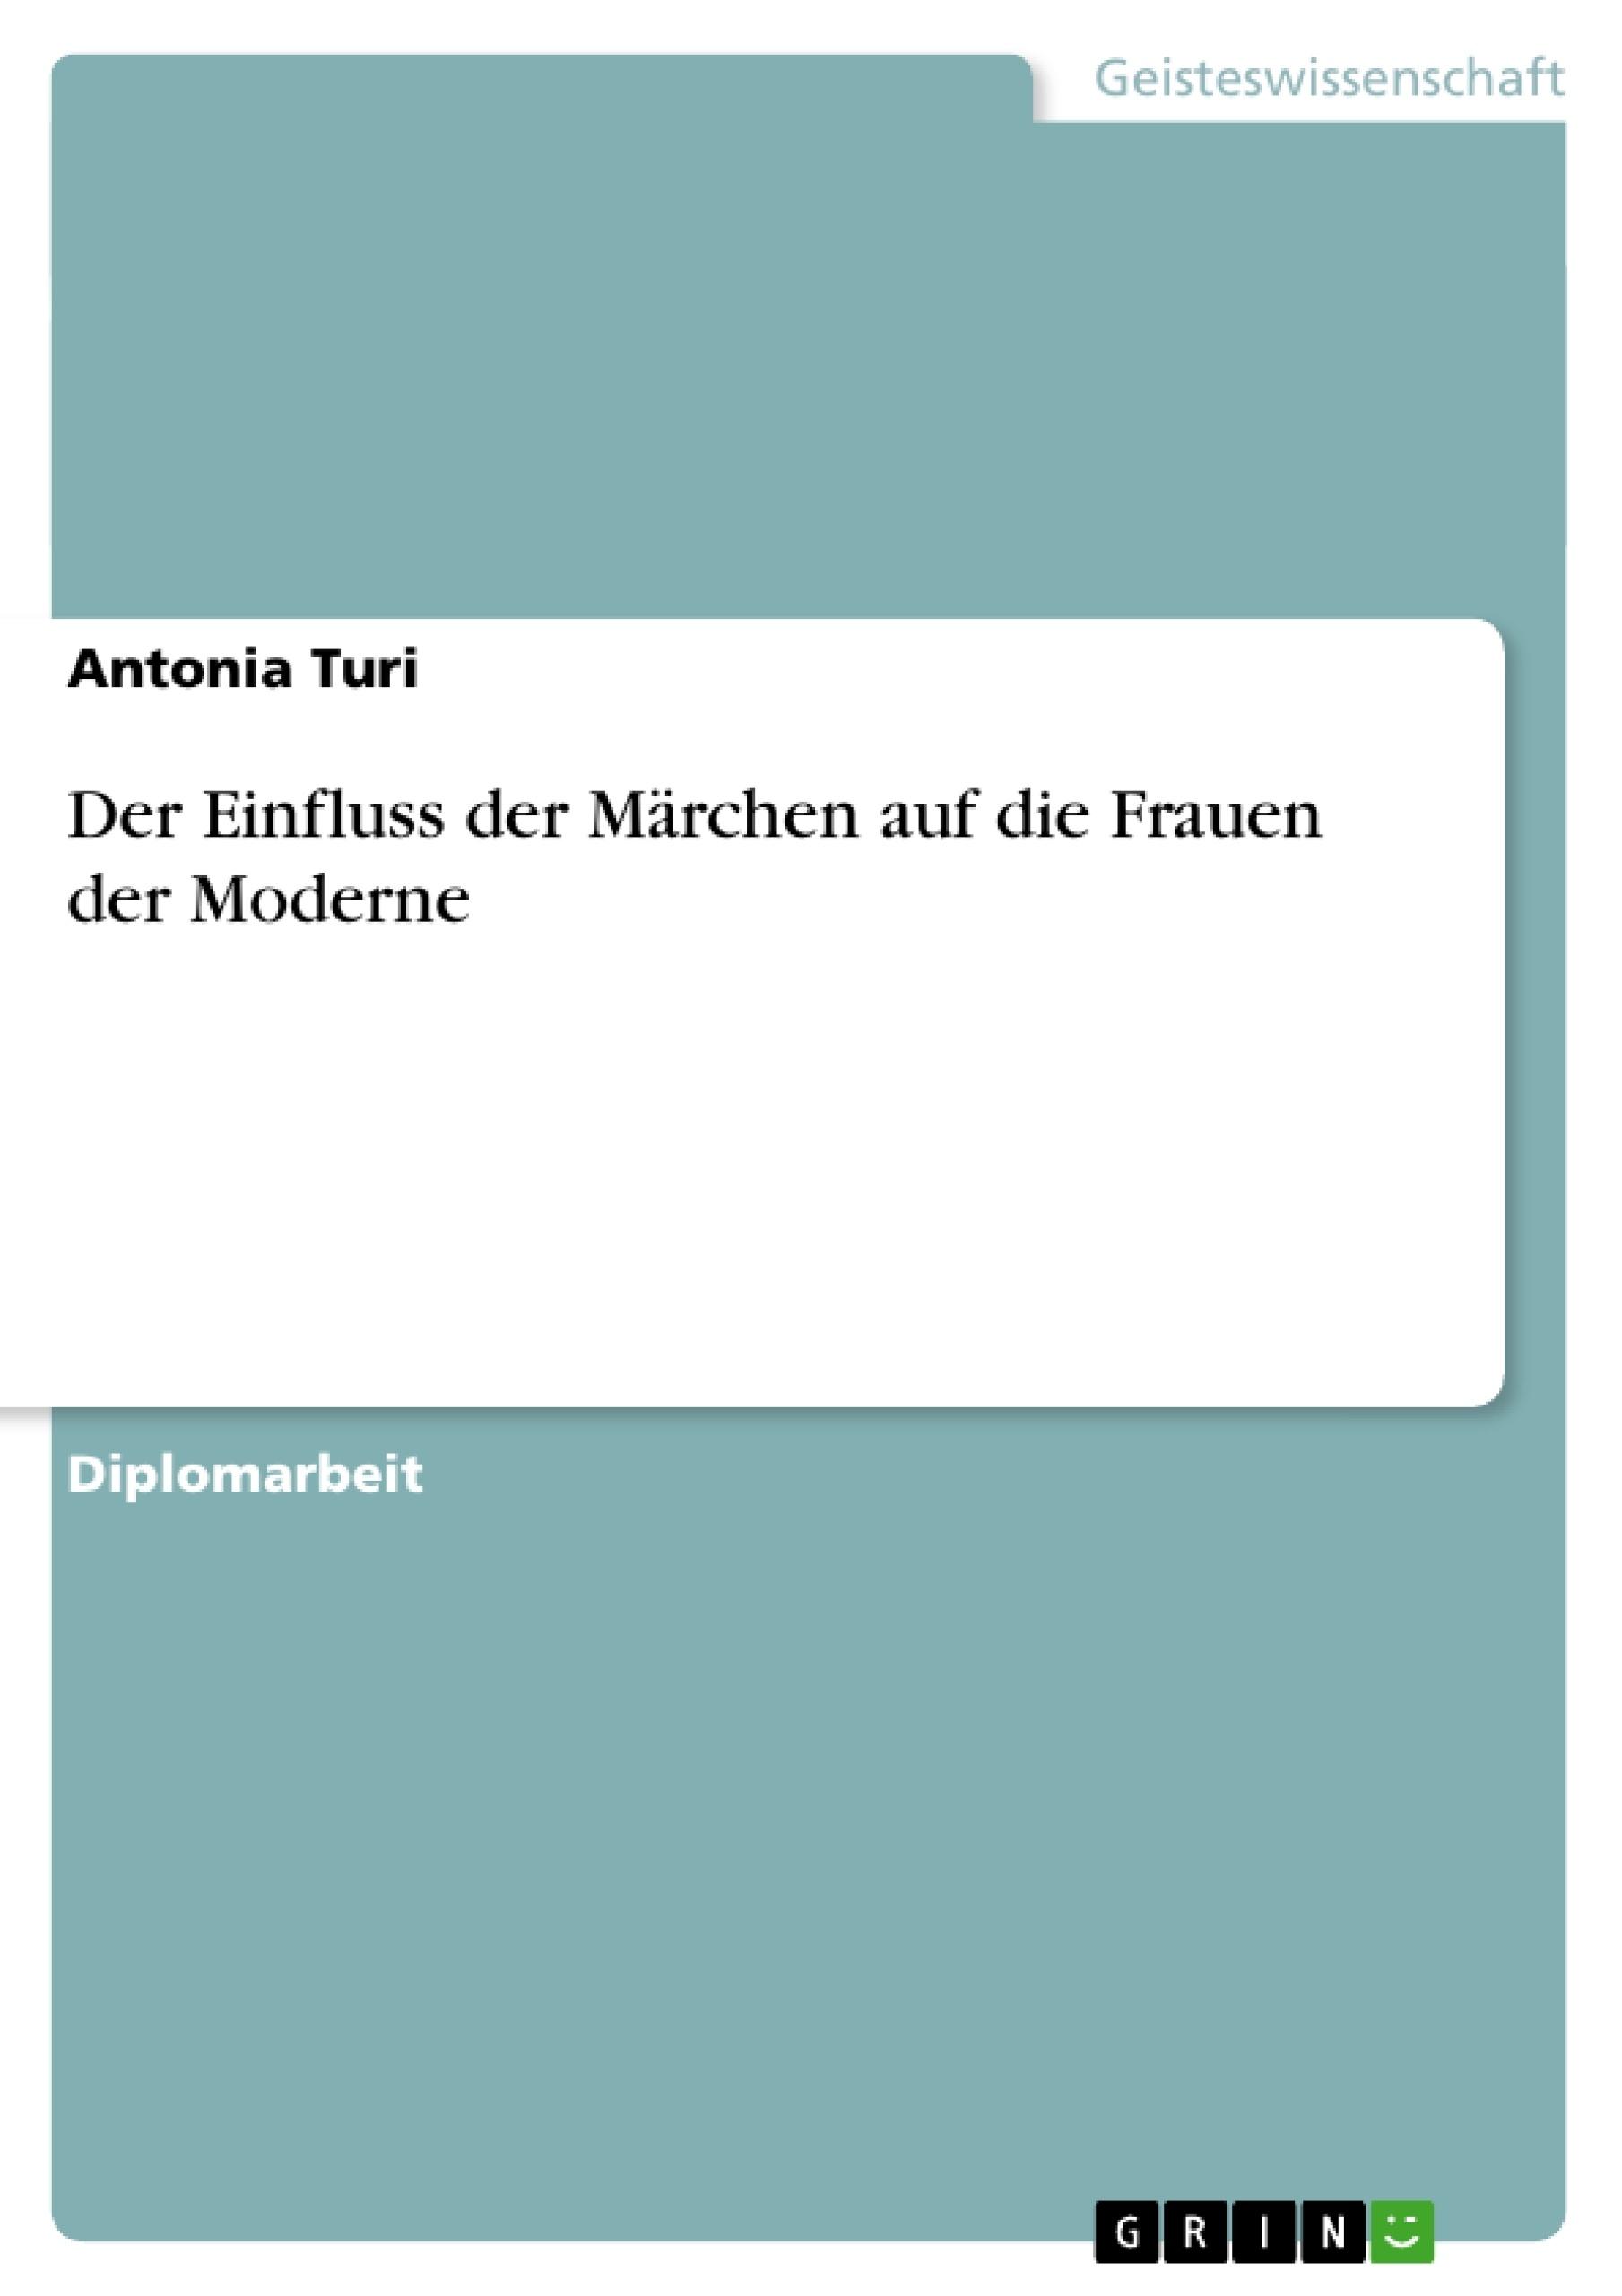 Titel: Der Einfluss der Märchen auf die Frauen der Moderne